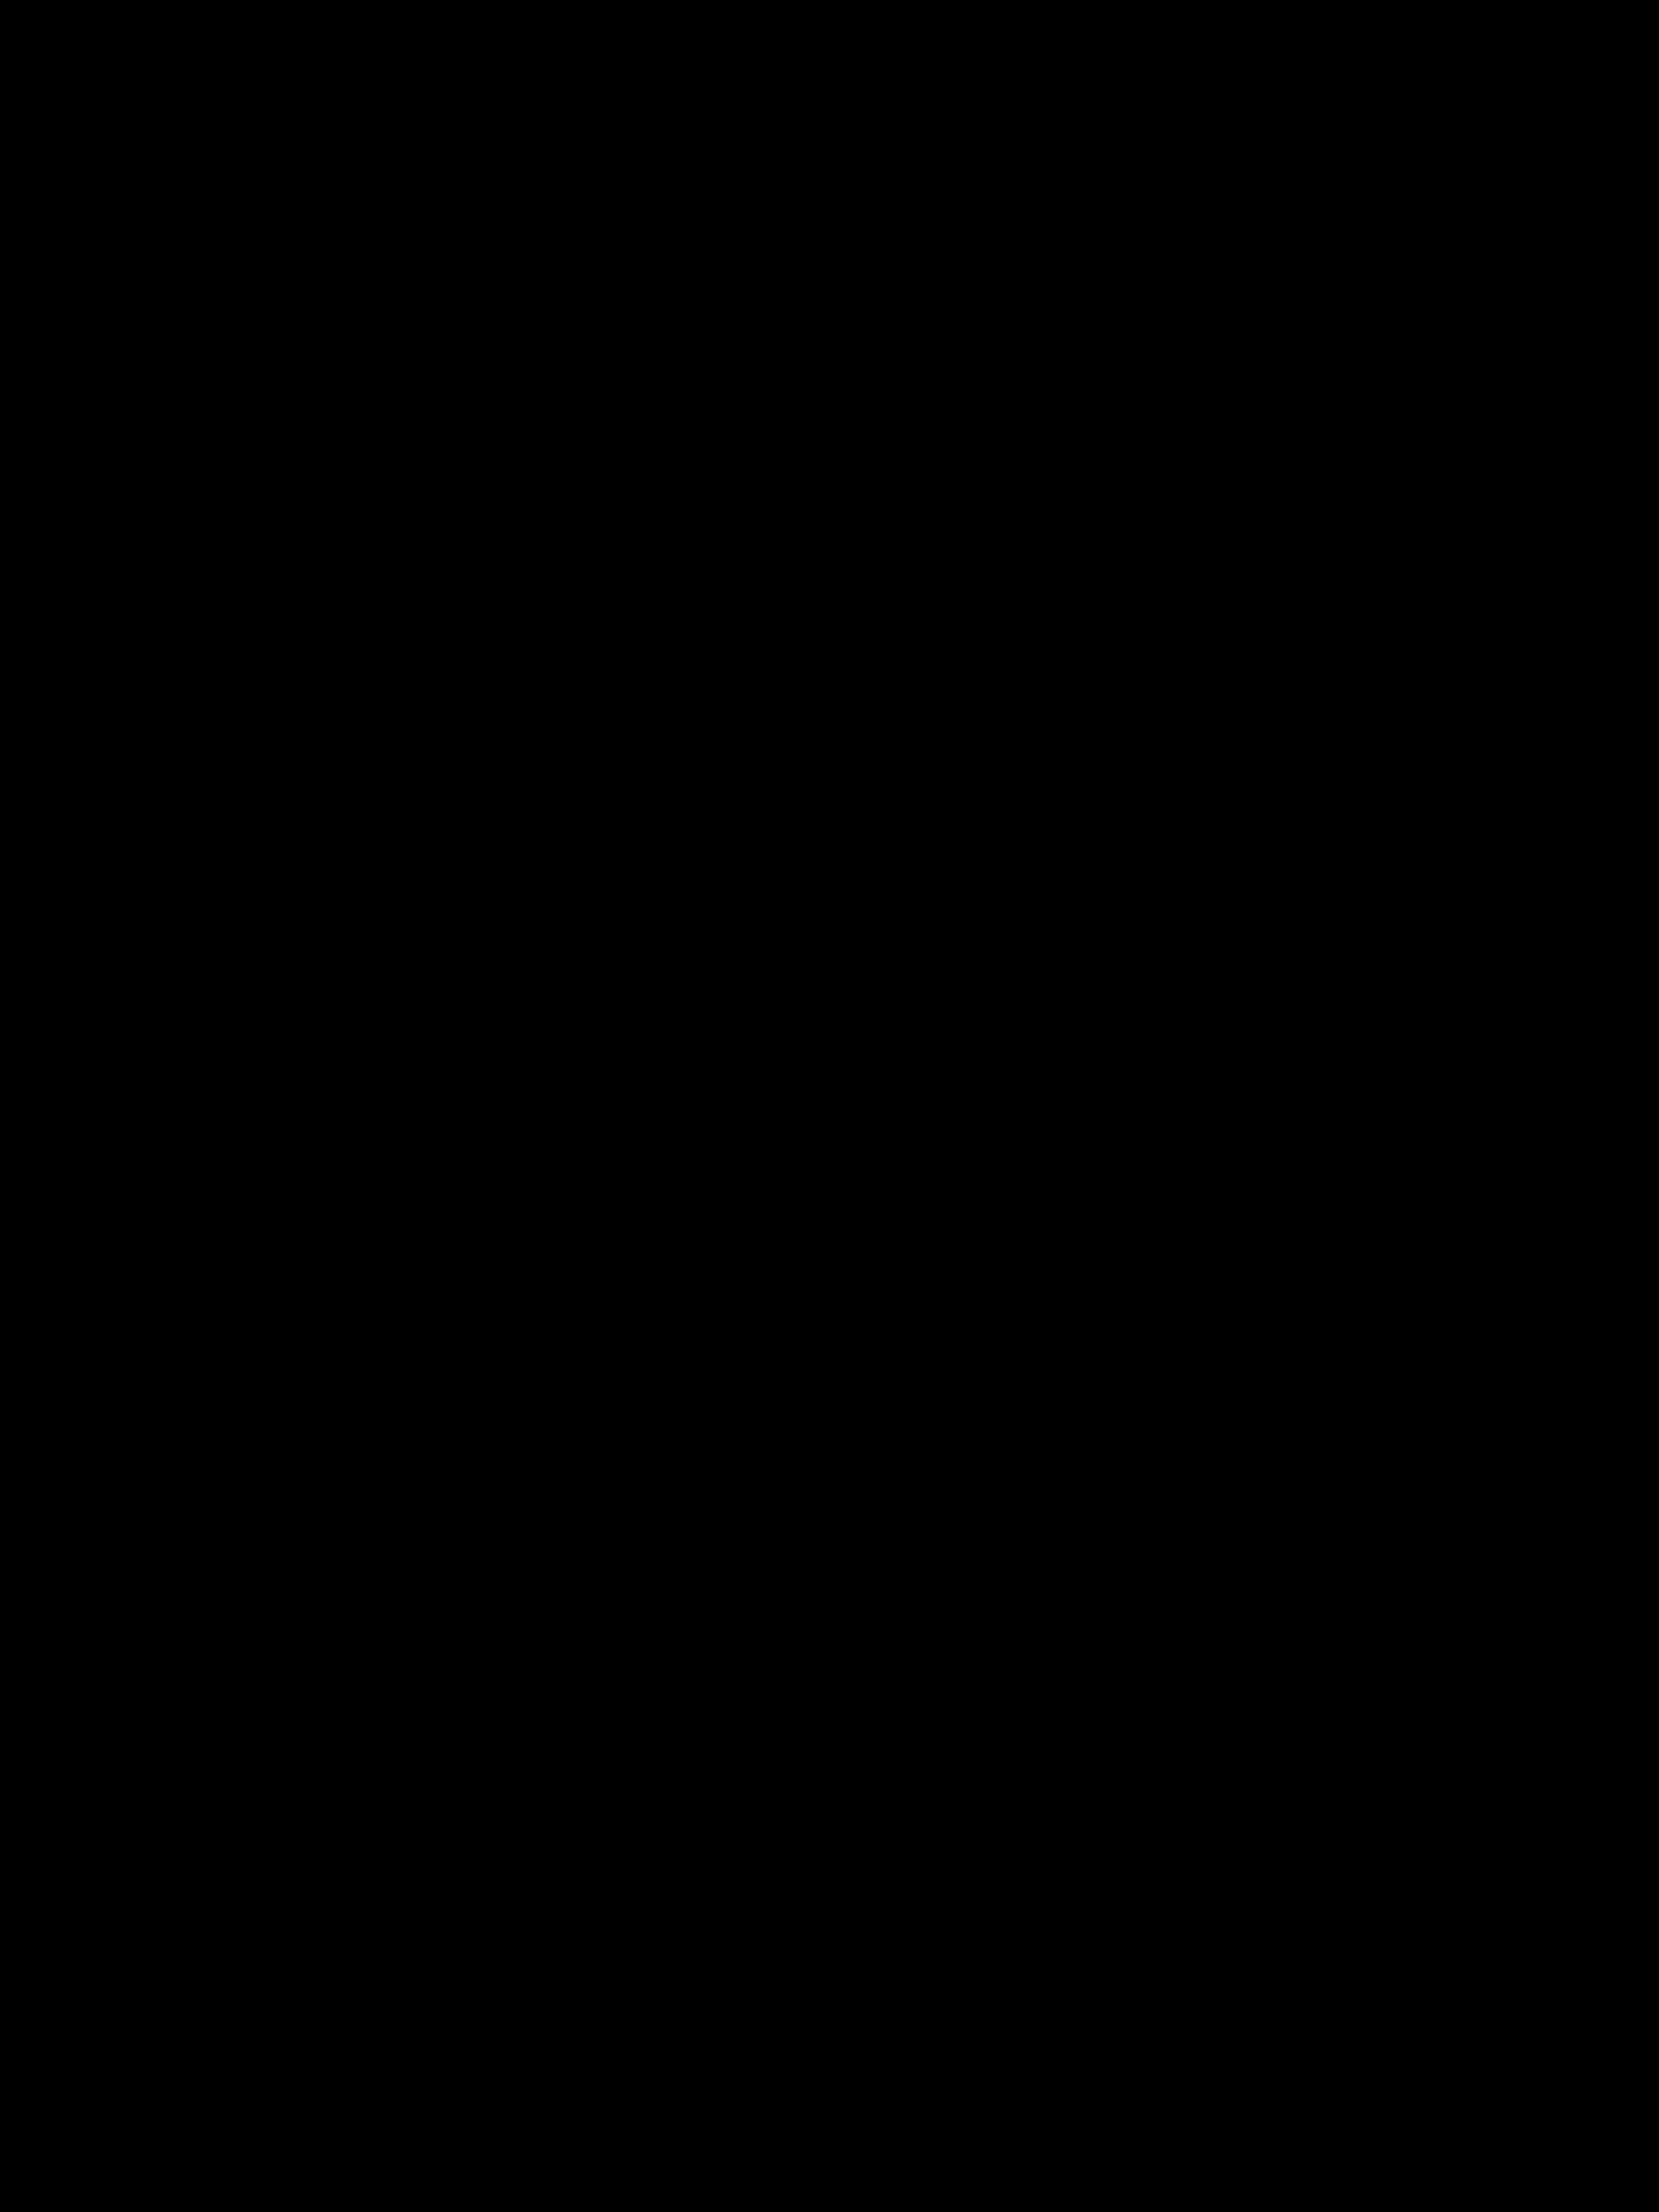 Plakat z informacją o II Forum Organizacji Pozarządowych Powiatu Otwockiego, które odbędzie się 15 czerwca 2021 r.